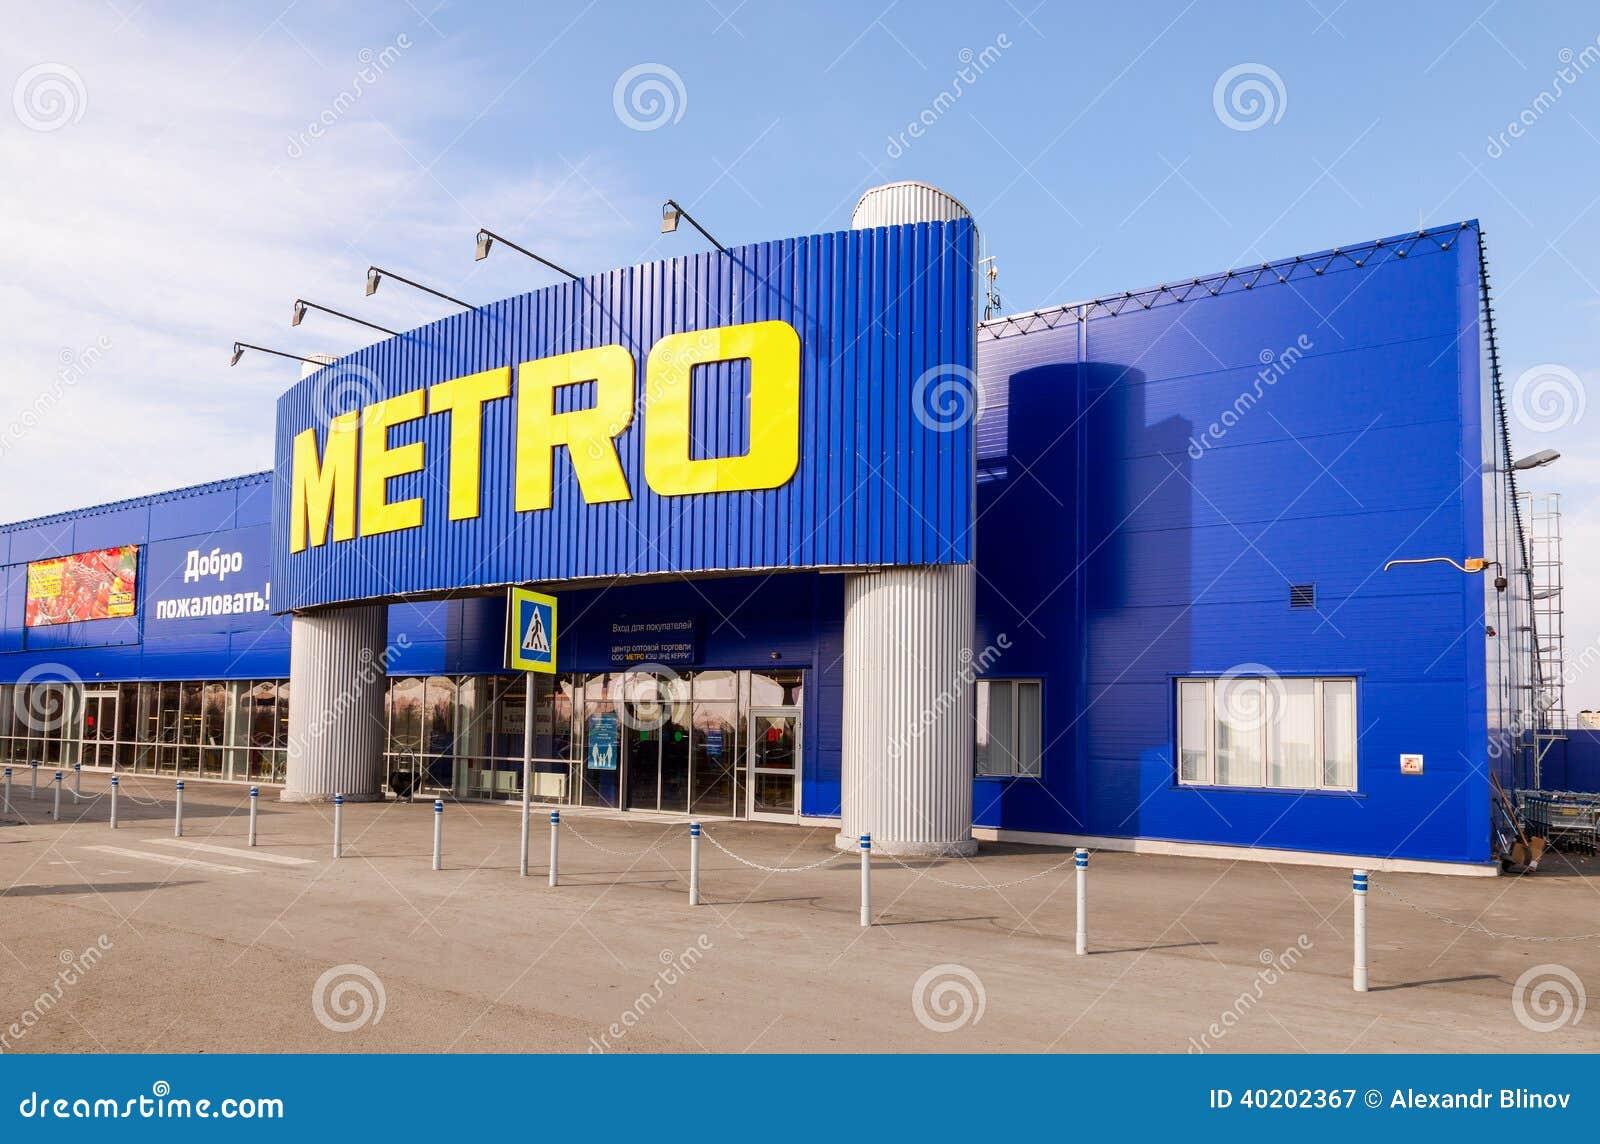 METRO Bargeld u. Carry Samara Store